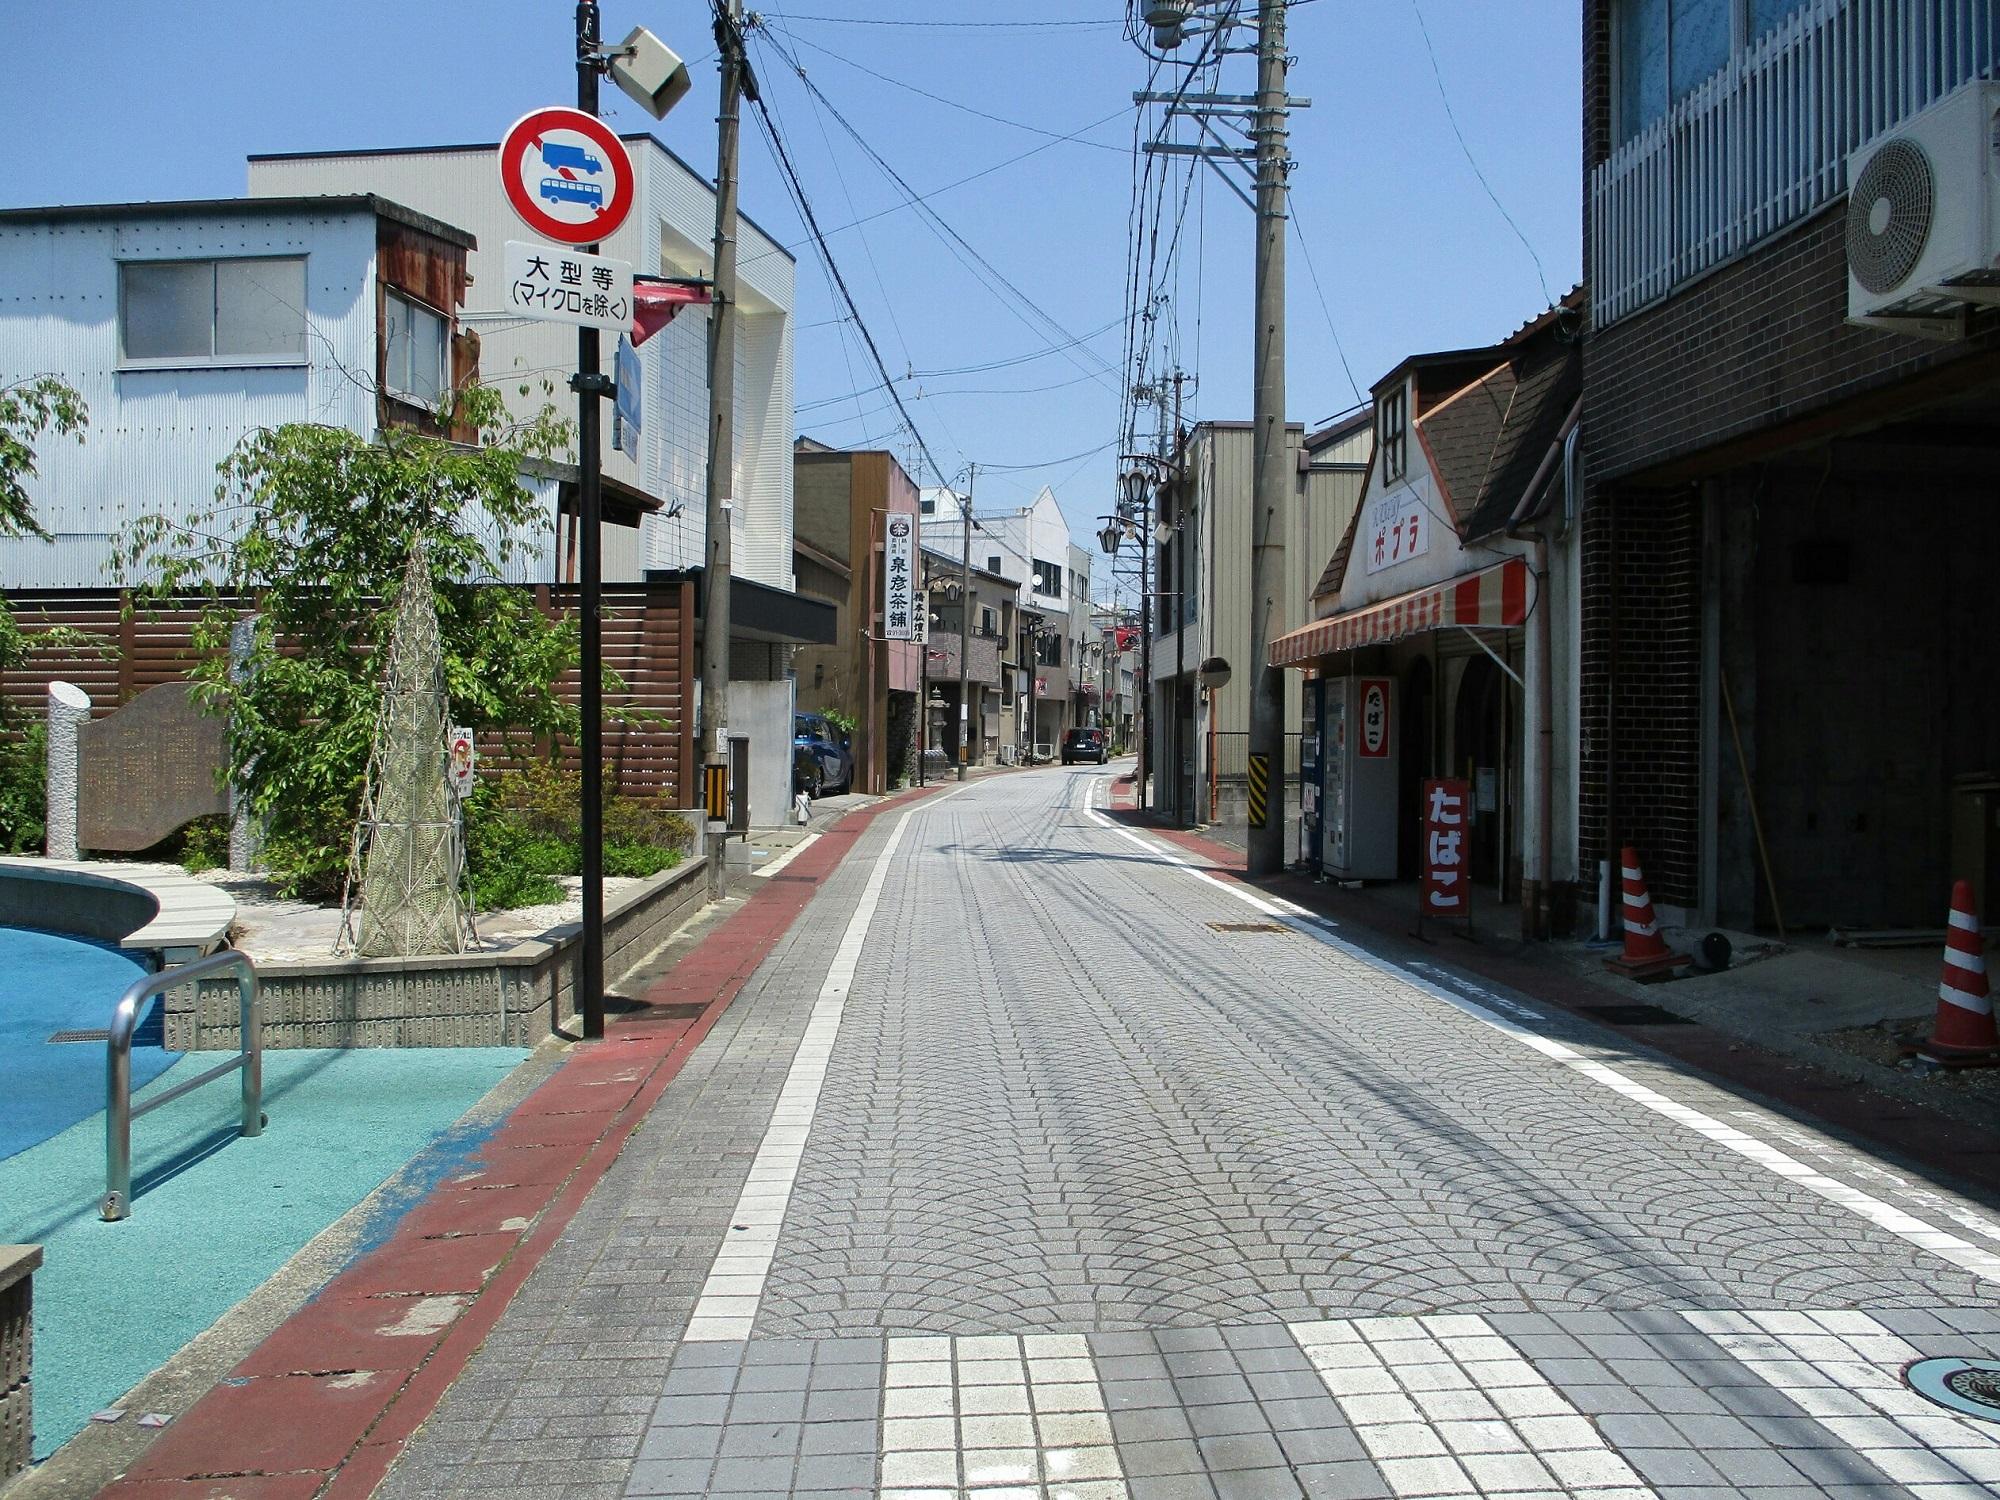 2018.7.18 (76) 竹鼻 - 竹鼻商店街(みなみから) 2000-1500